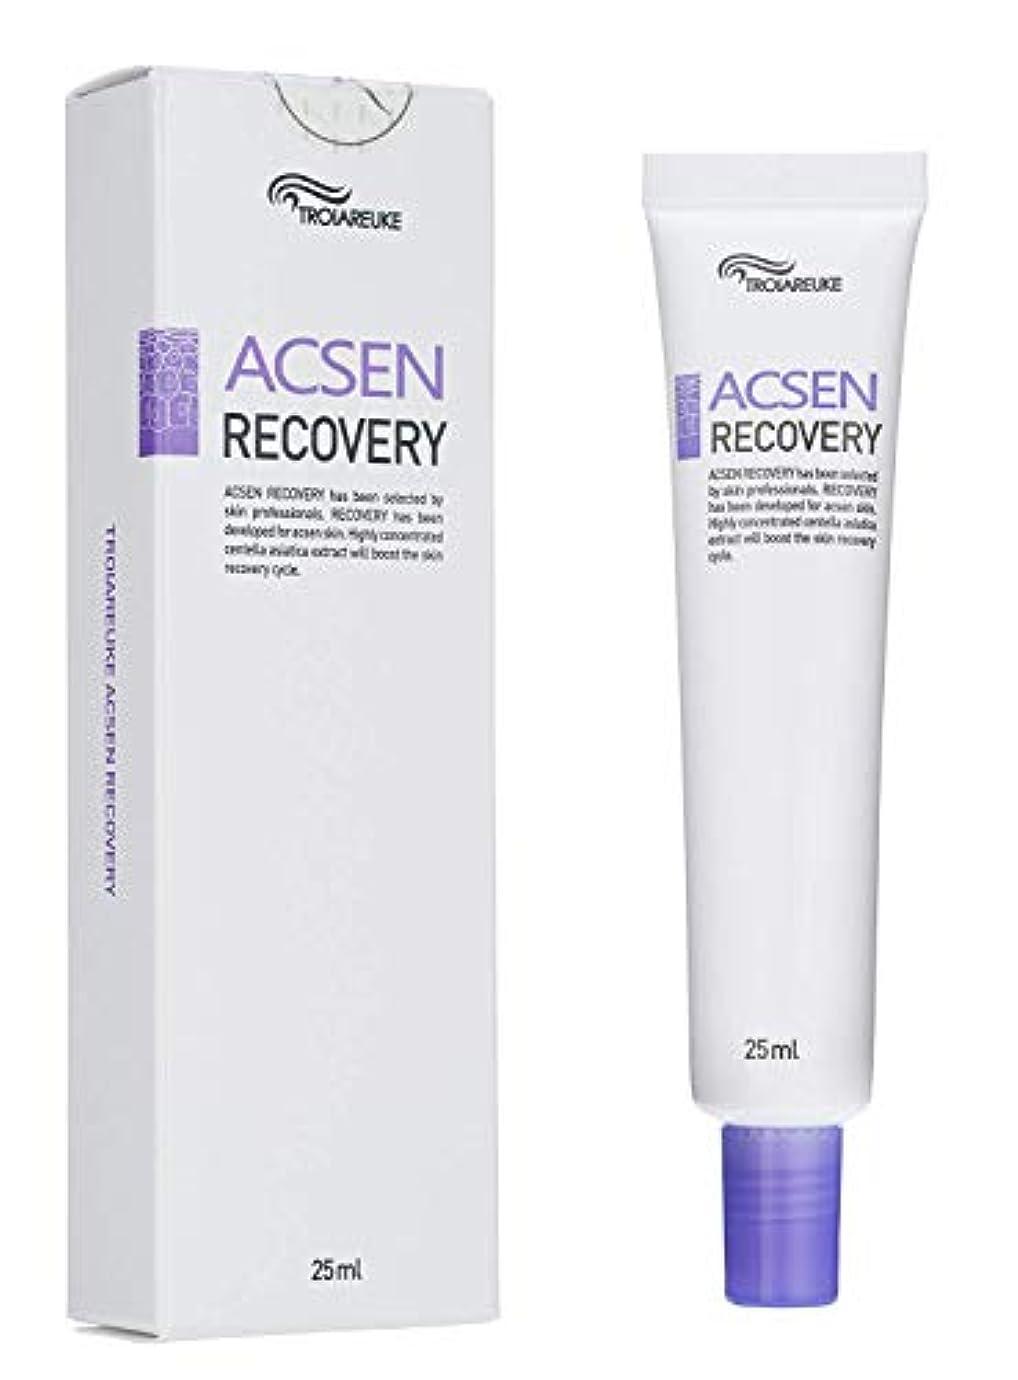 レッドデート制裁離すTROIAREUKE(トロイアルケ) アクセン リカバリー クリーム/Acsen Recovery Cream(25ml) [並行輸入品]